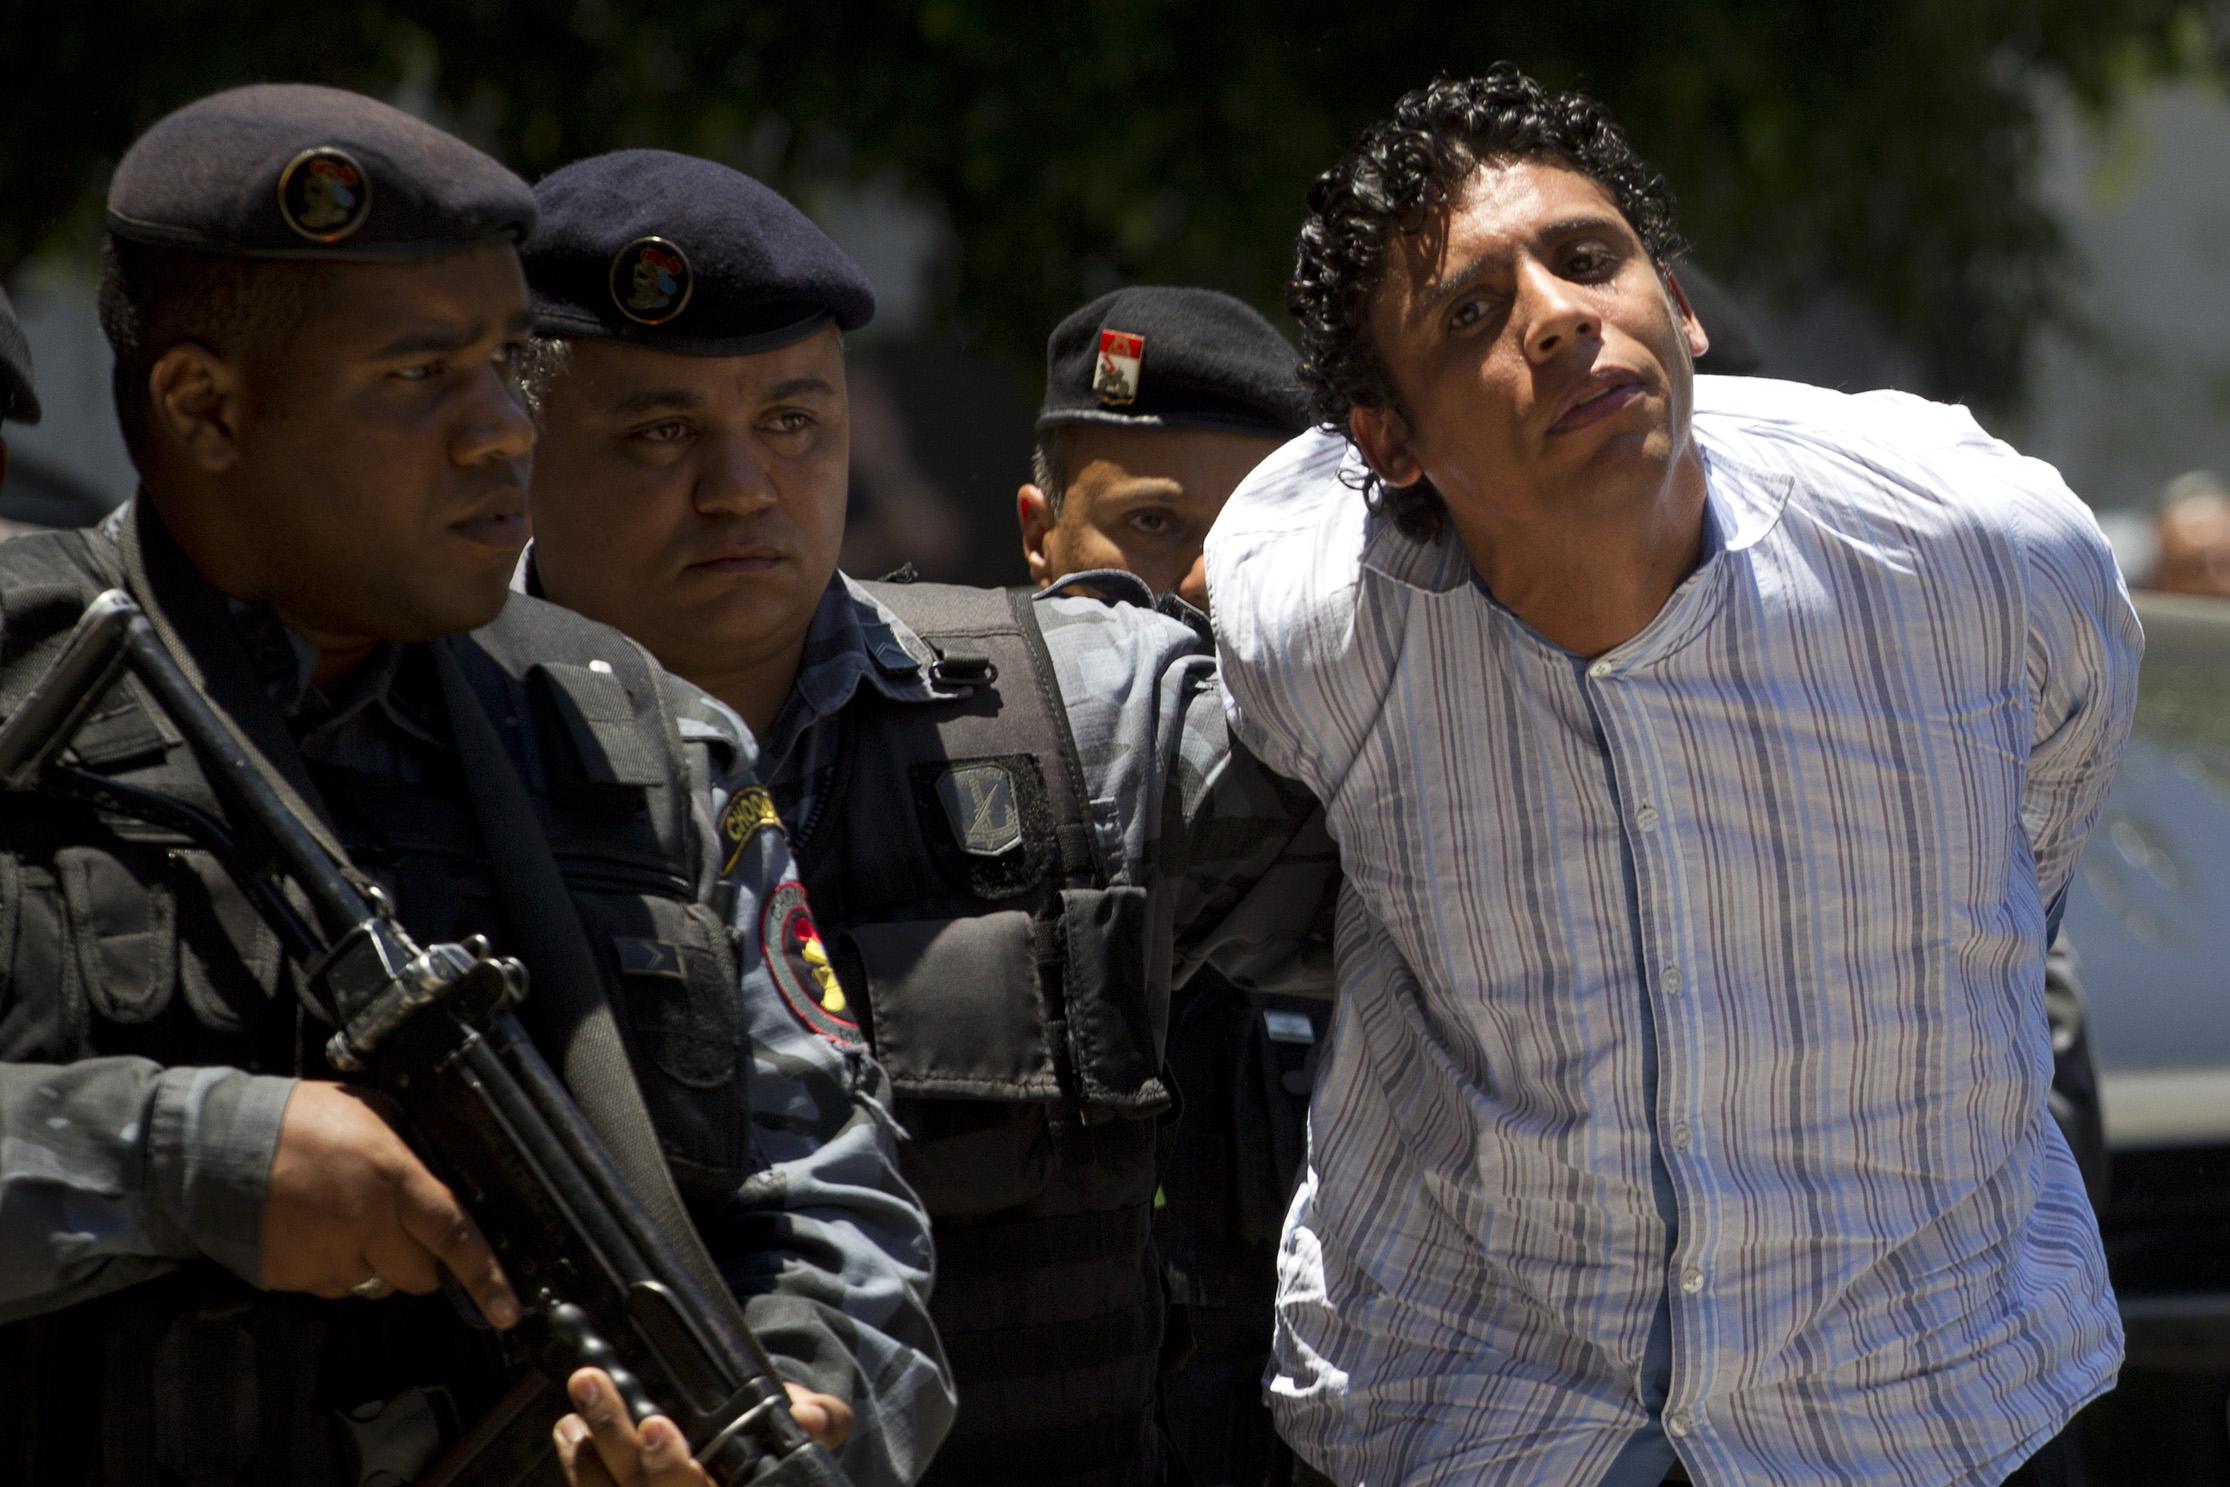 No dia 10 de novembro de 2011, Nem foi preso. Crédito: Felipe Dana/AP